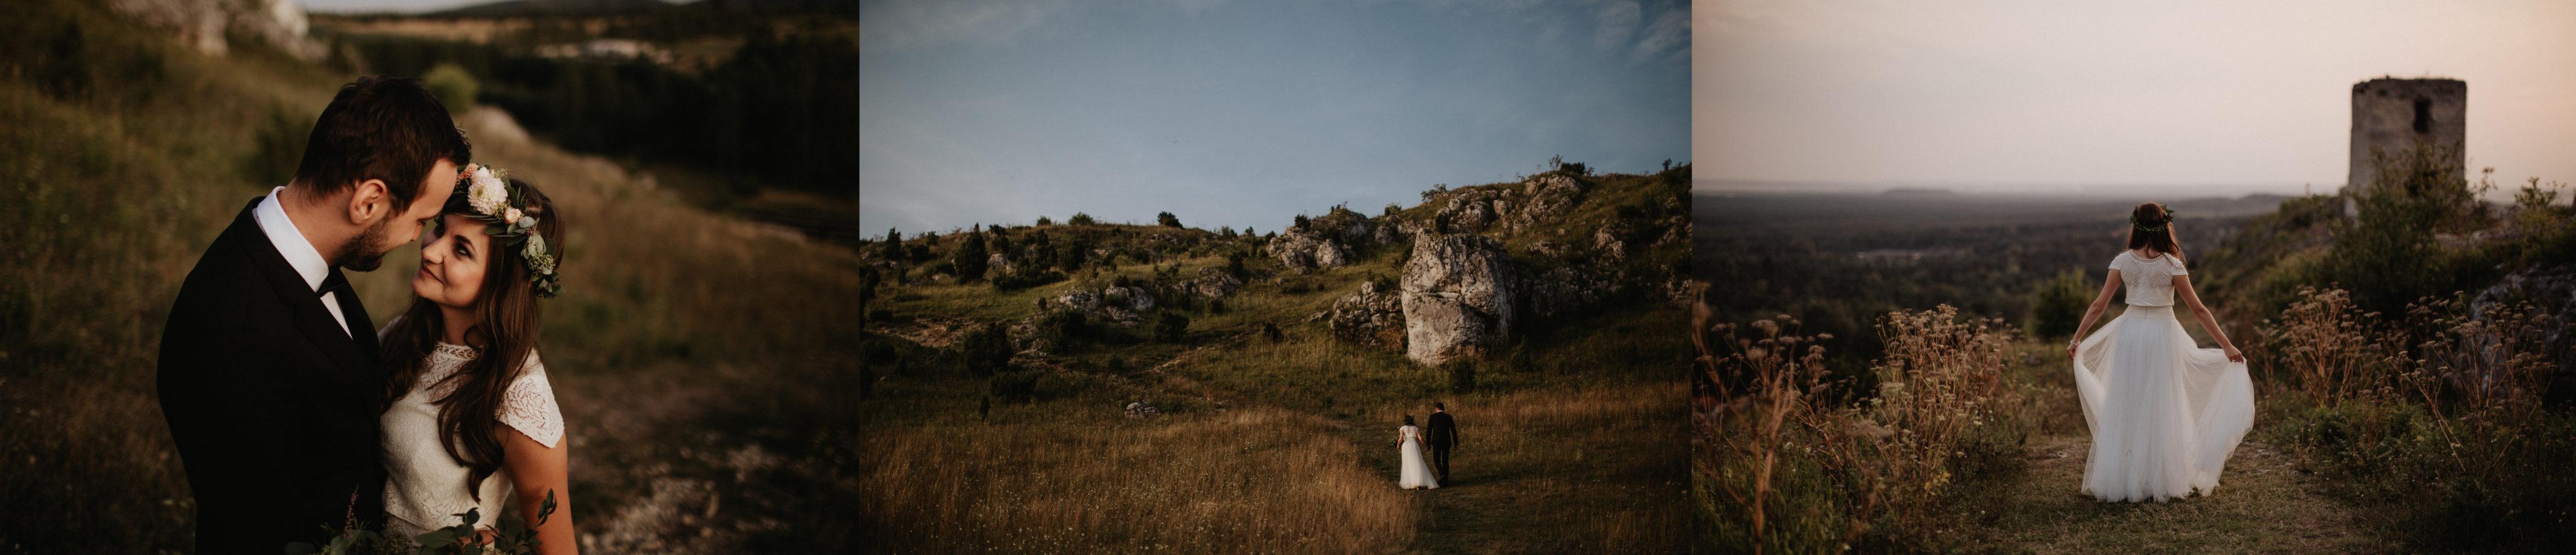 miejsca na plener slubny zamek olsztyn fotograf